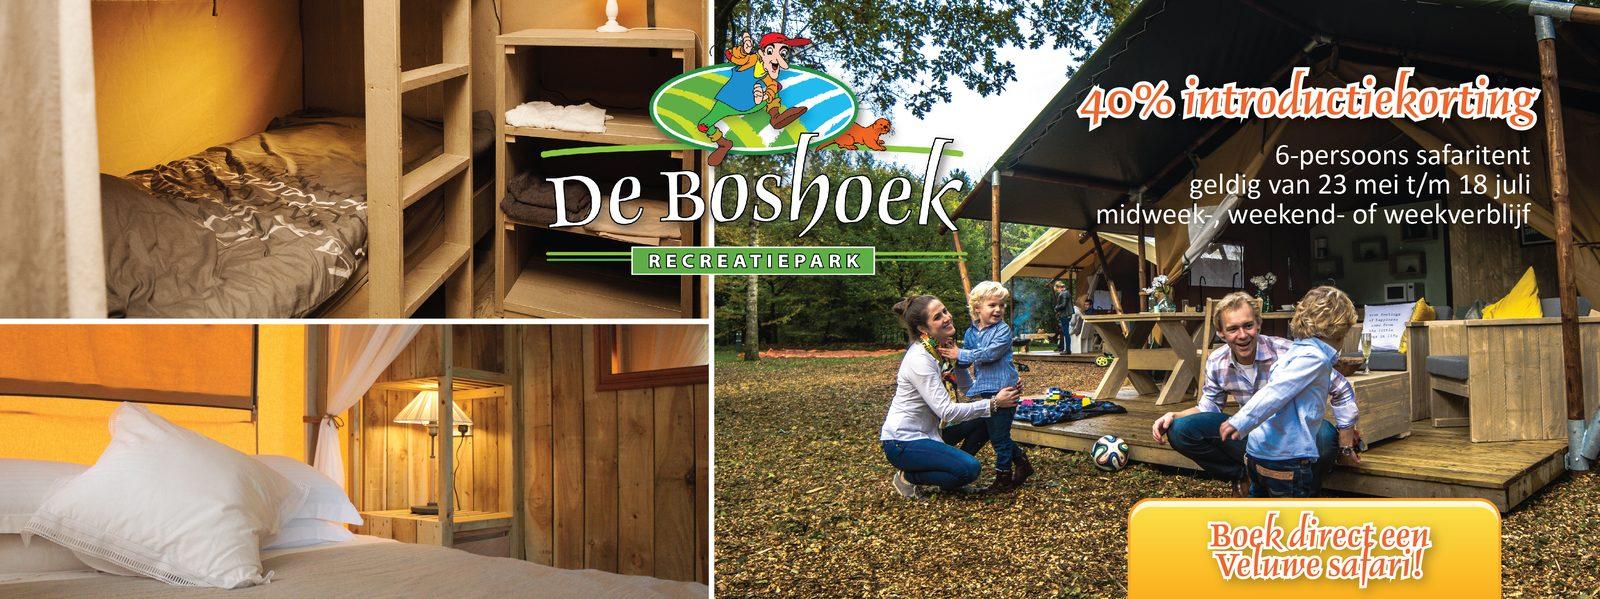 Introductiekorting op Safaritent verblijf op de Veluwe bij Recreatiepark De Boshoek